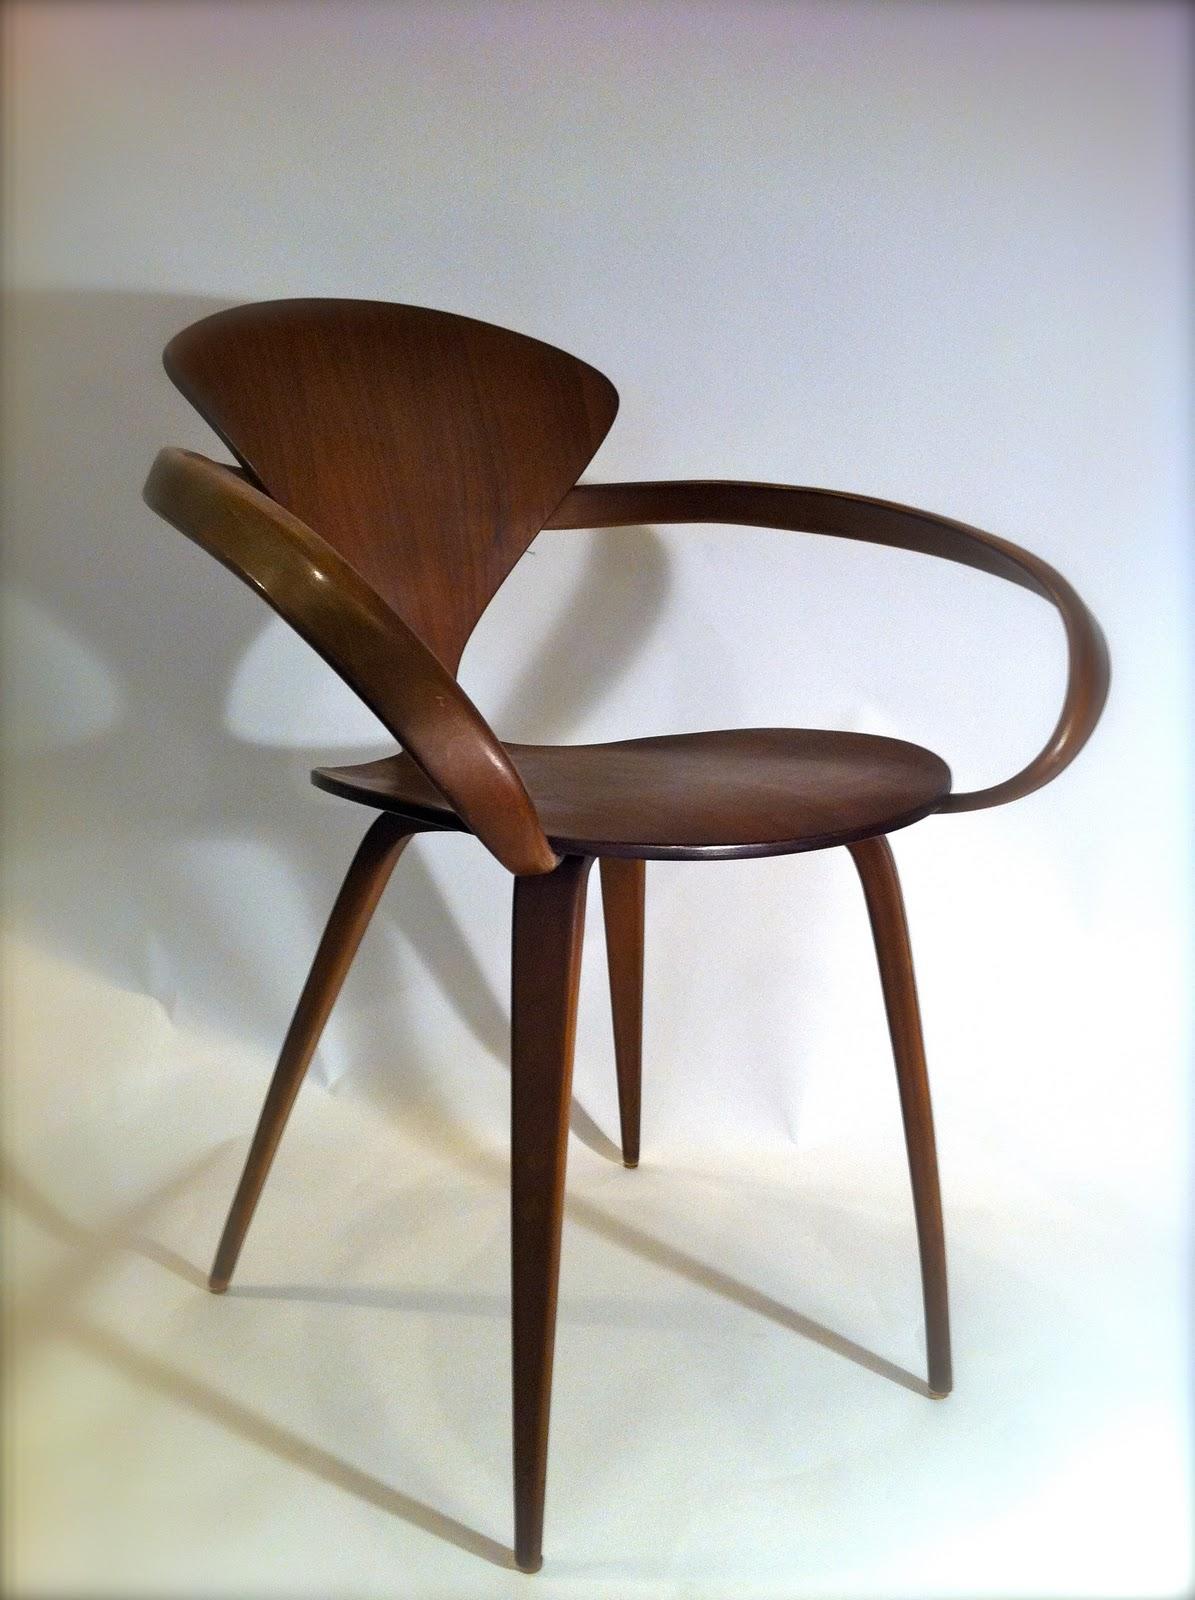 Cherneru0027s U201cPretzelu201d Chair At Artifacts 20th Century